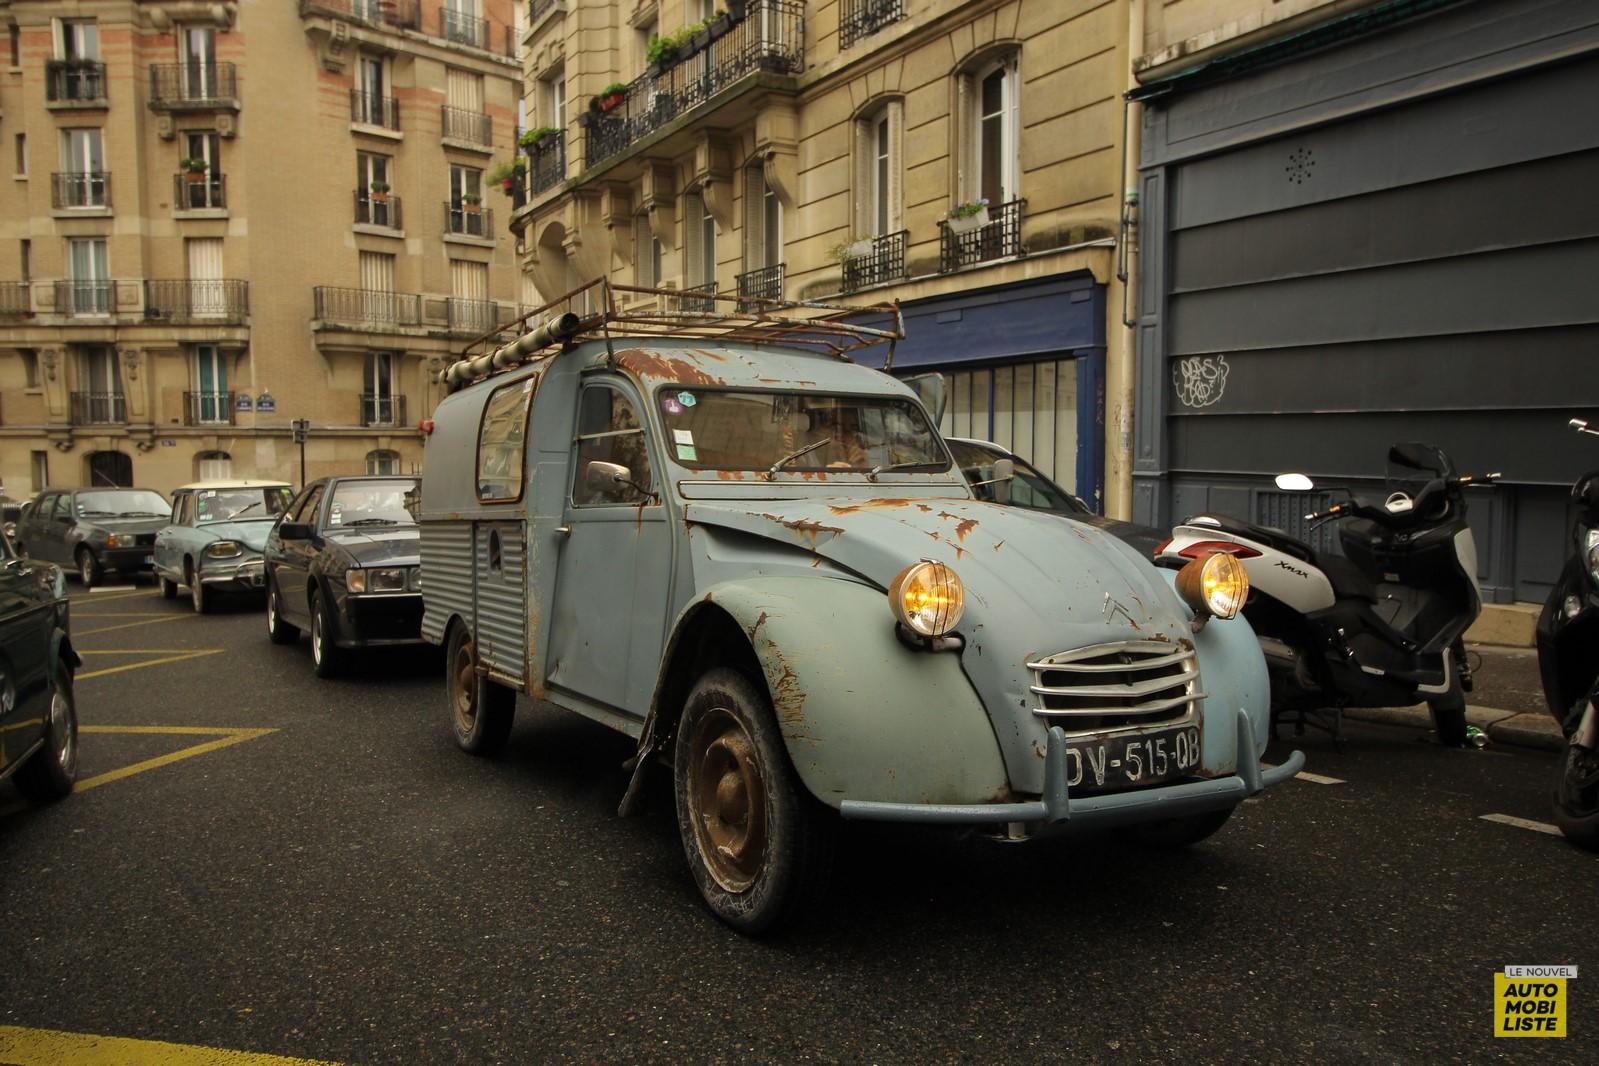 Traversee de Paris LNA Thibaut Dumoulin 18